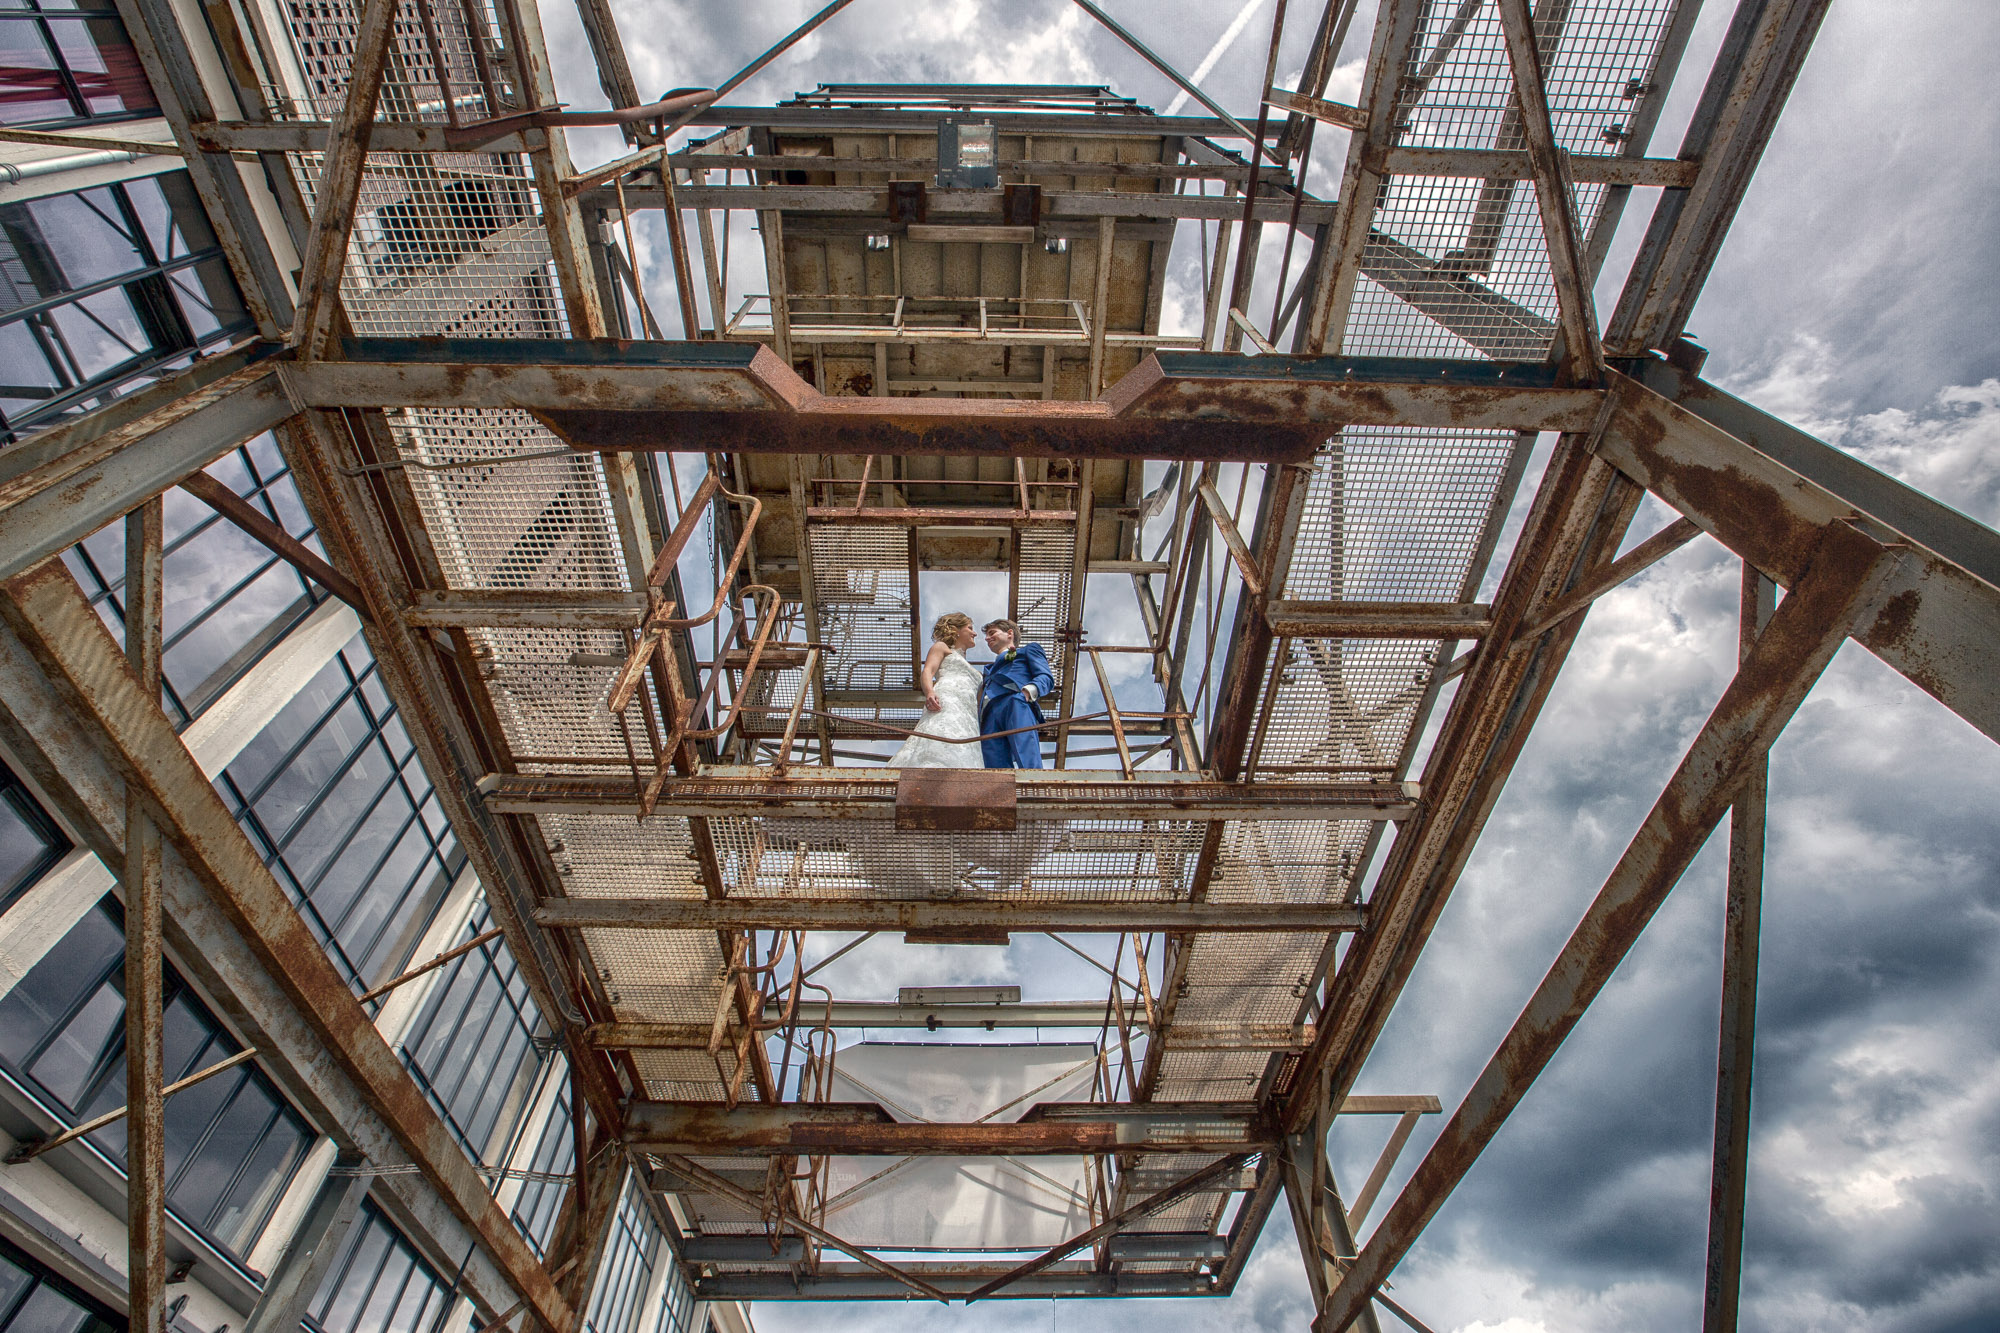 Industriële fotoshoot locatie